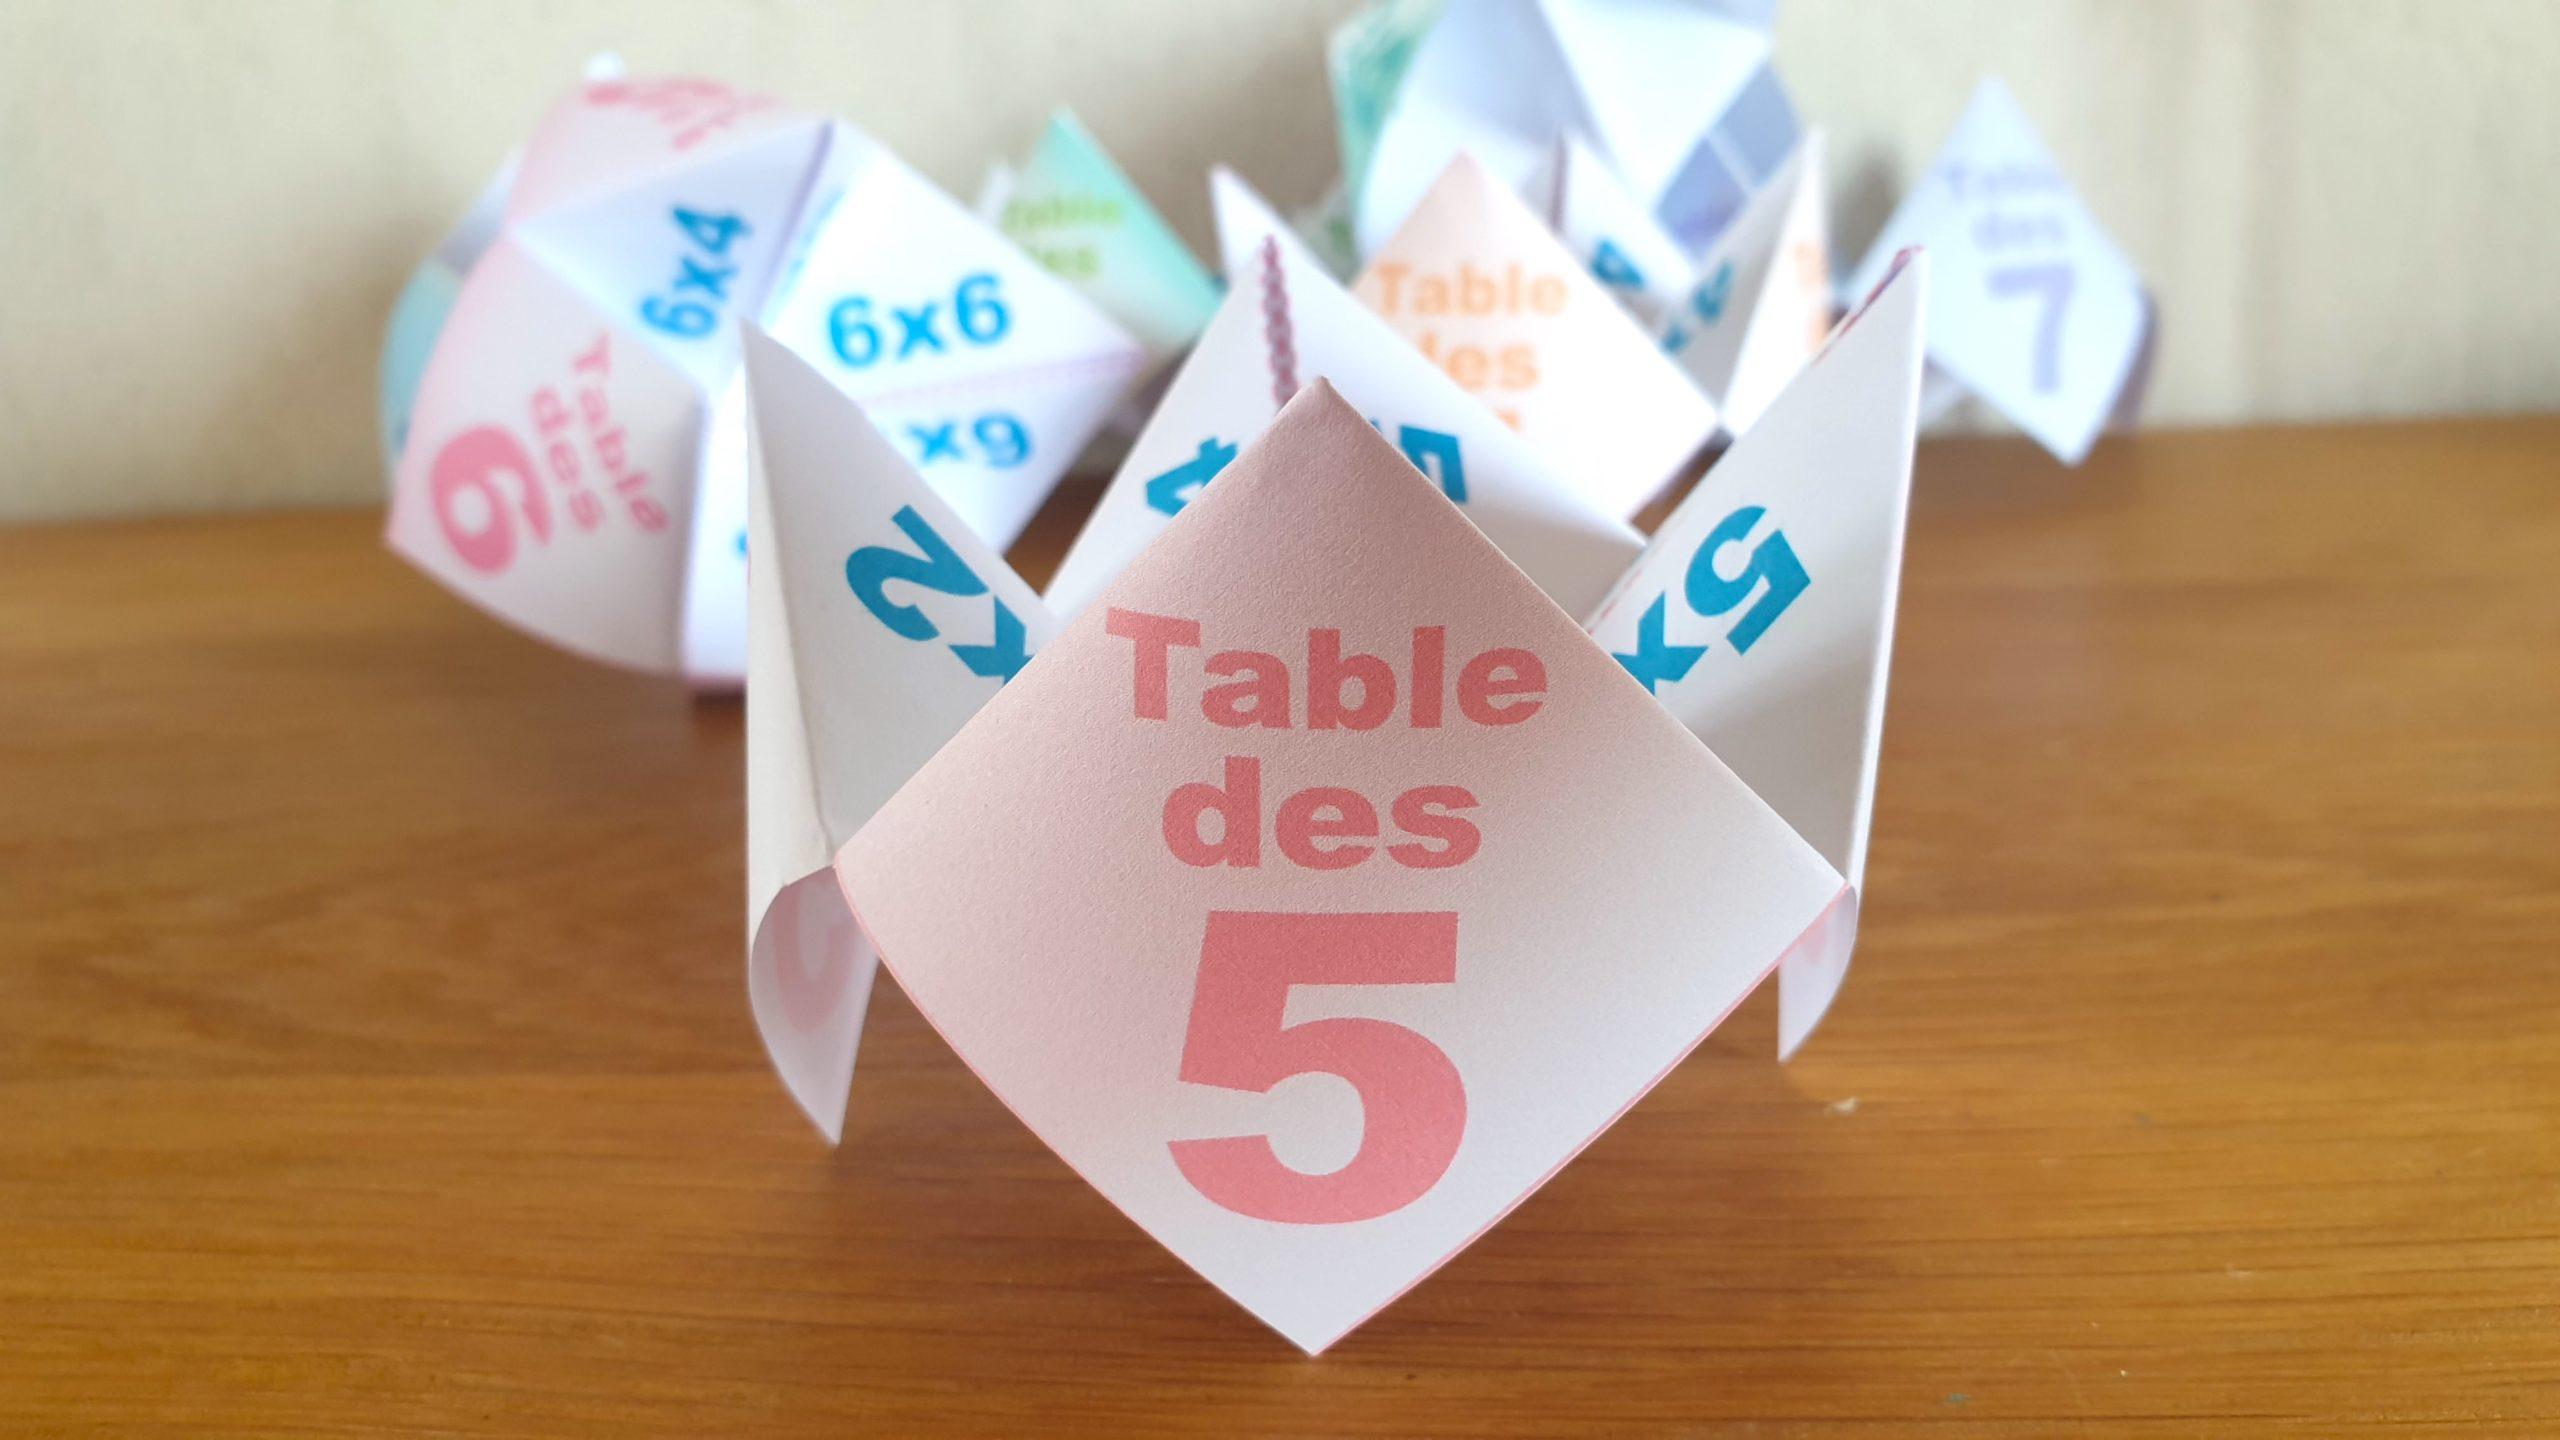 COCOTTE EN PAPIER: TABLE DES 5 (APPRENDRE LES MULTIPLICATIONS)